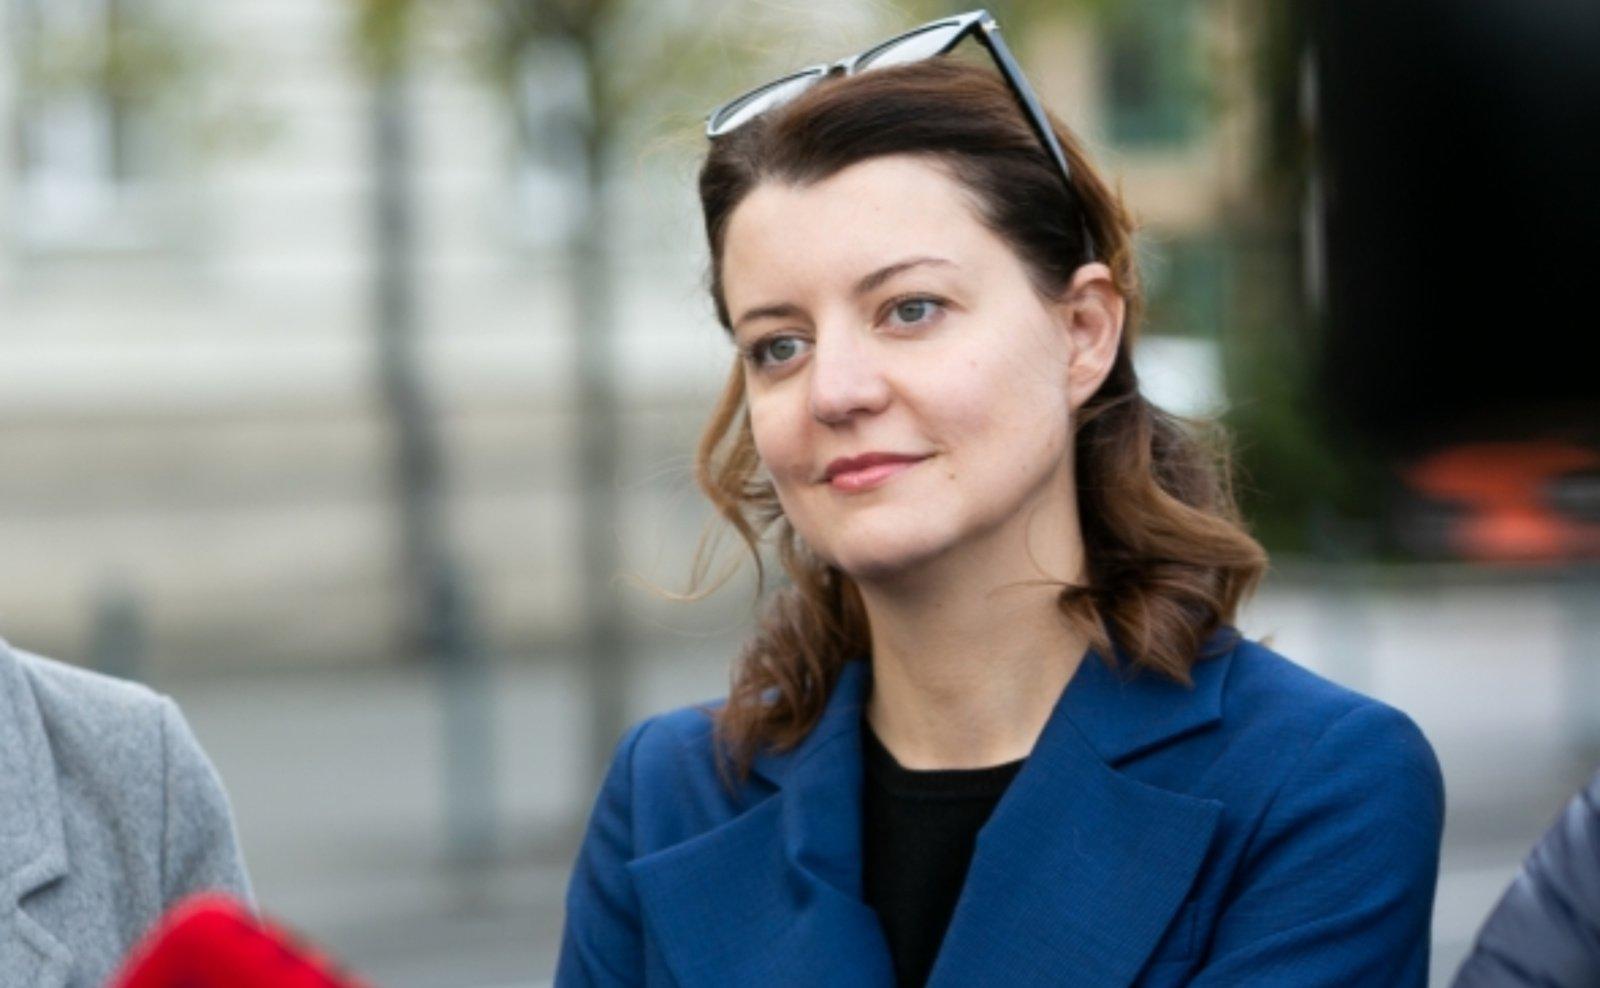 Dėl kontakto su sergančiuoju COVID-19 izoliuojasi ministrė M. Navickienė